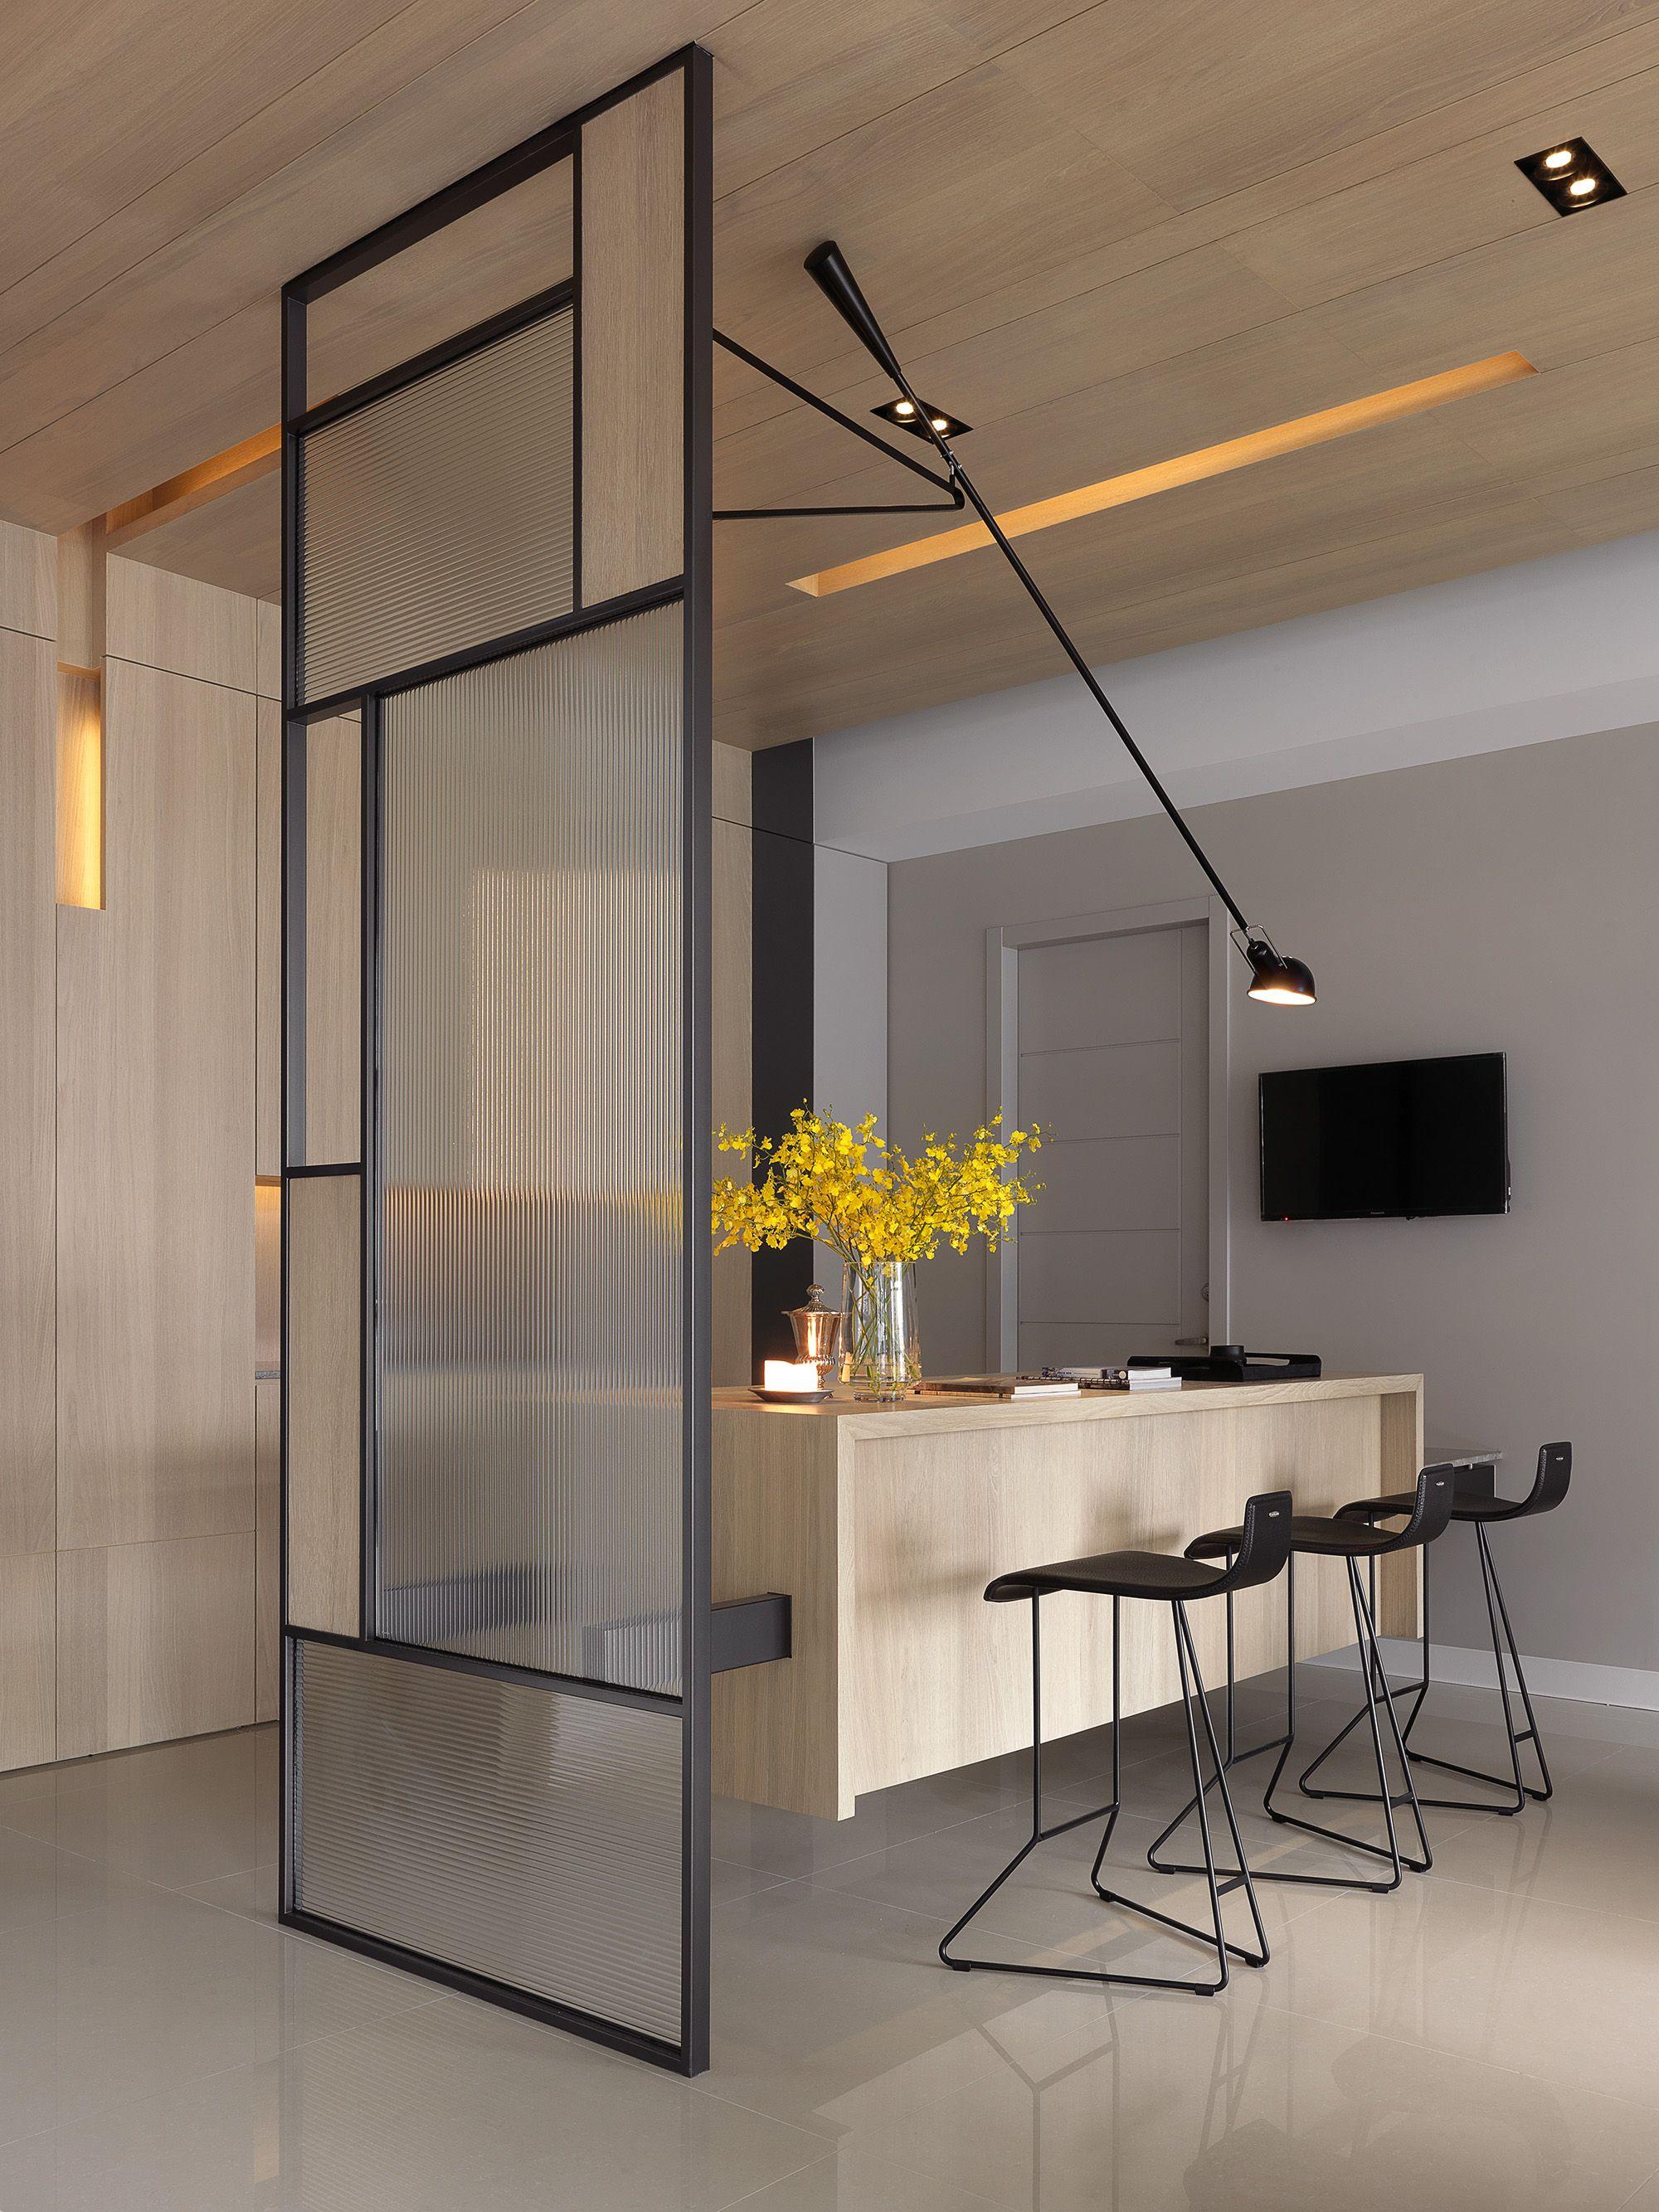 Separador de espacios con vidrio y madera separadores y biombos en 2018 pinterest - Biombos y separadores de espacios ...